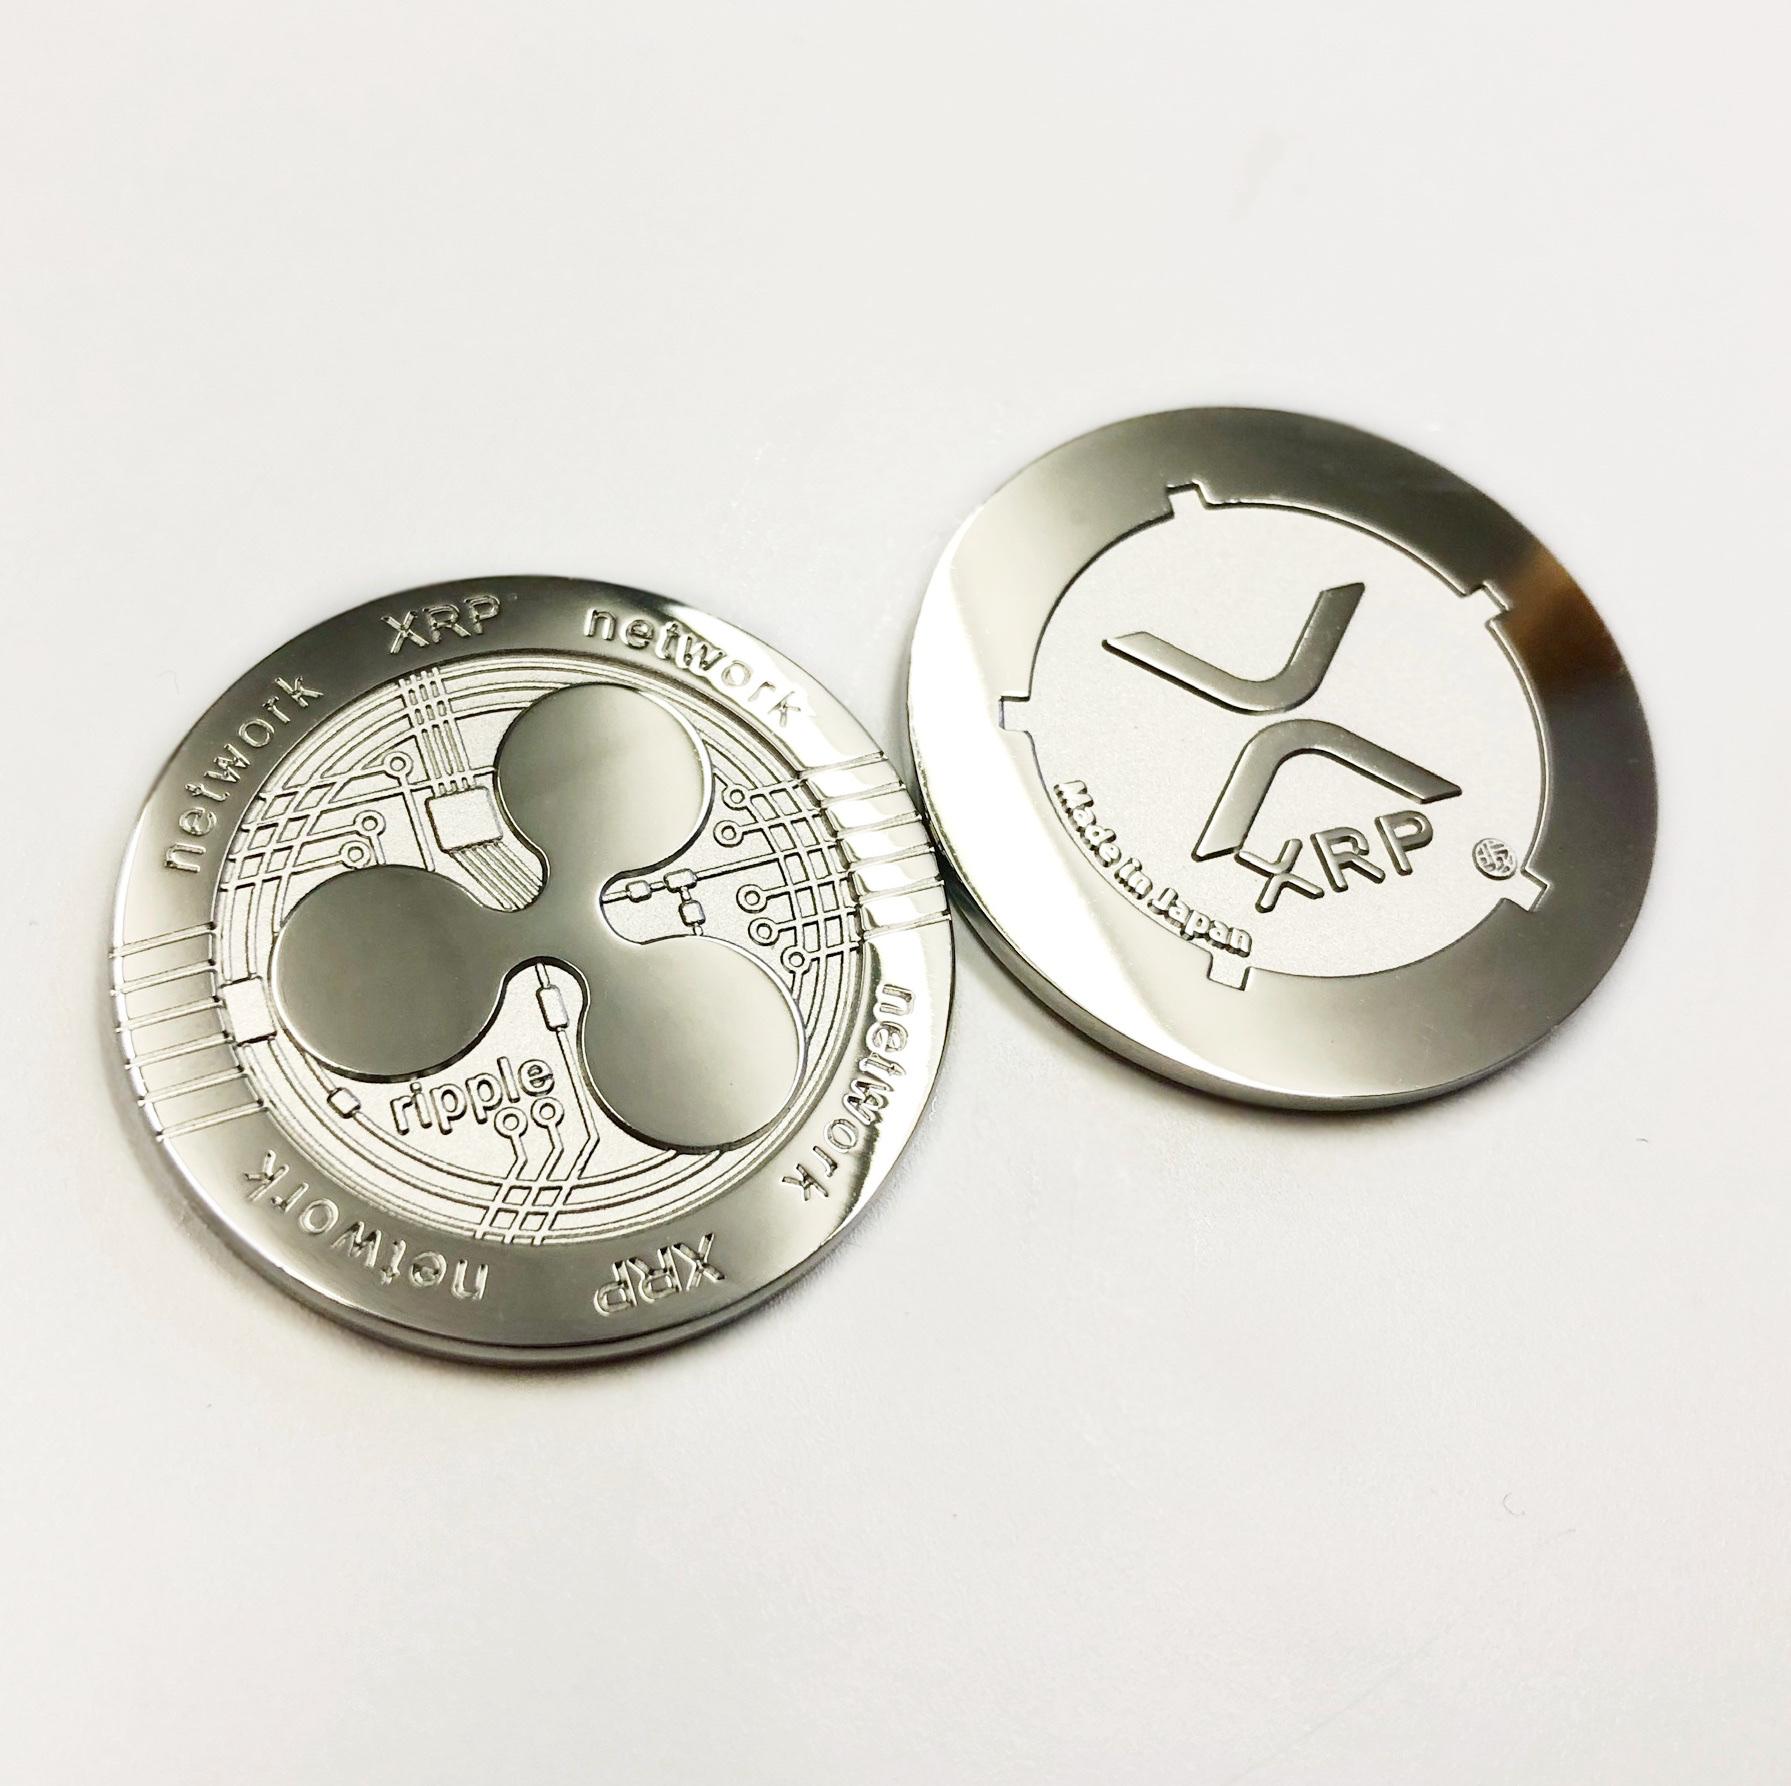 リップル XRP リアルメダル 製造完了、個数限定で初入荷!